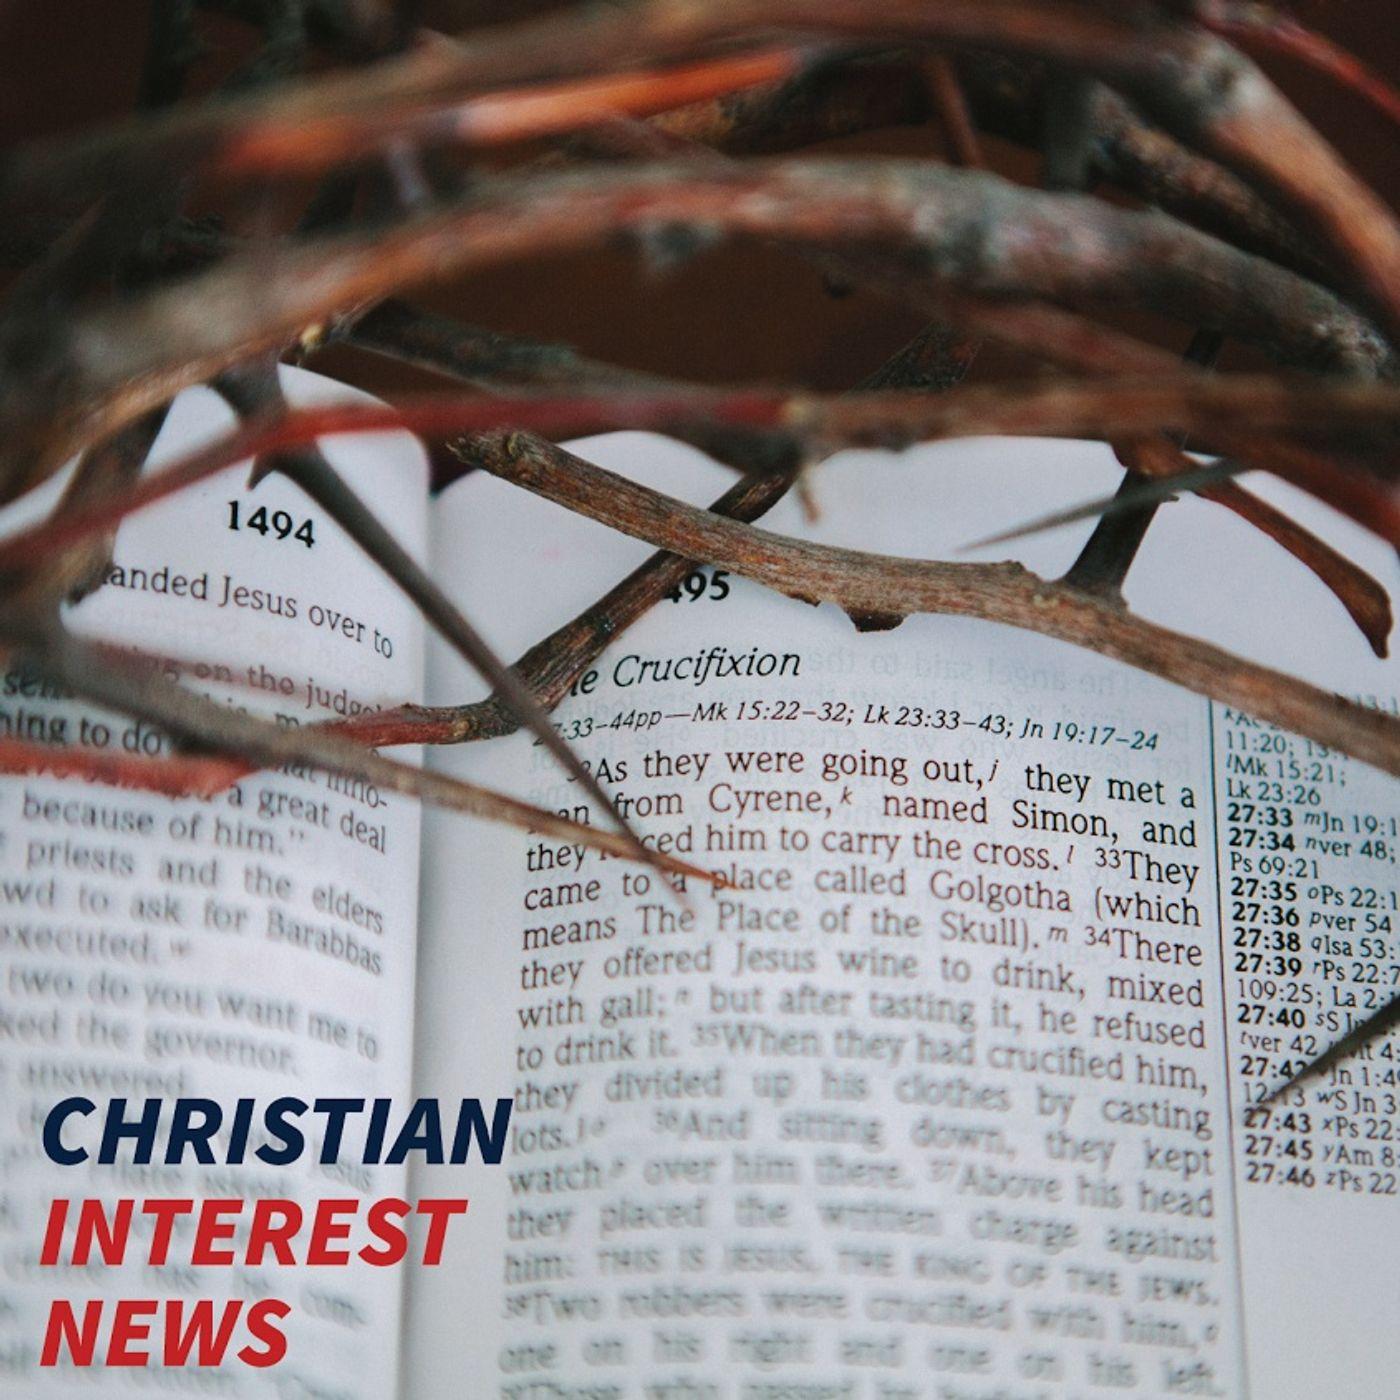 USA Christian Interest News